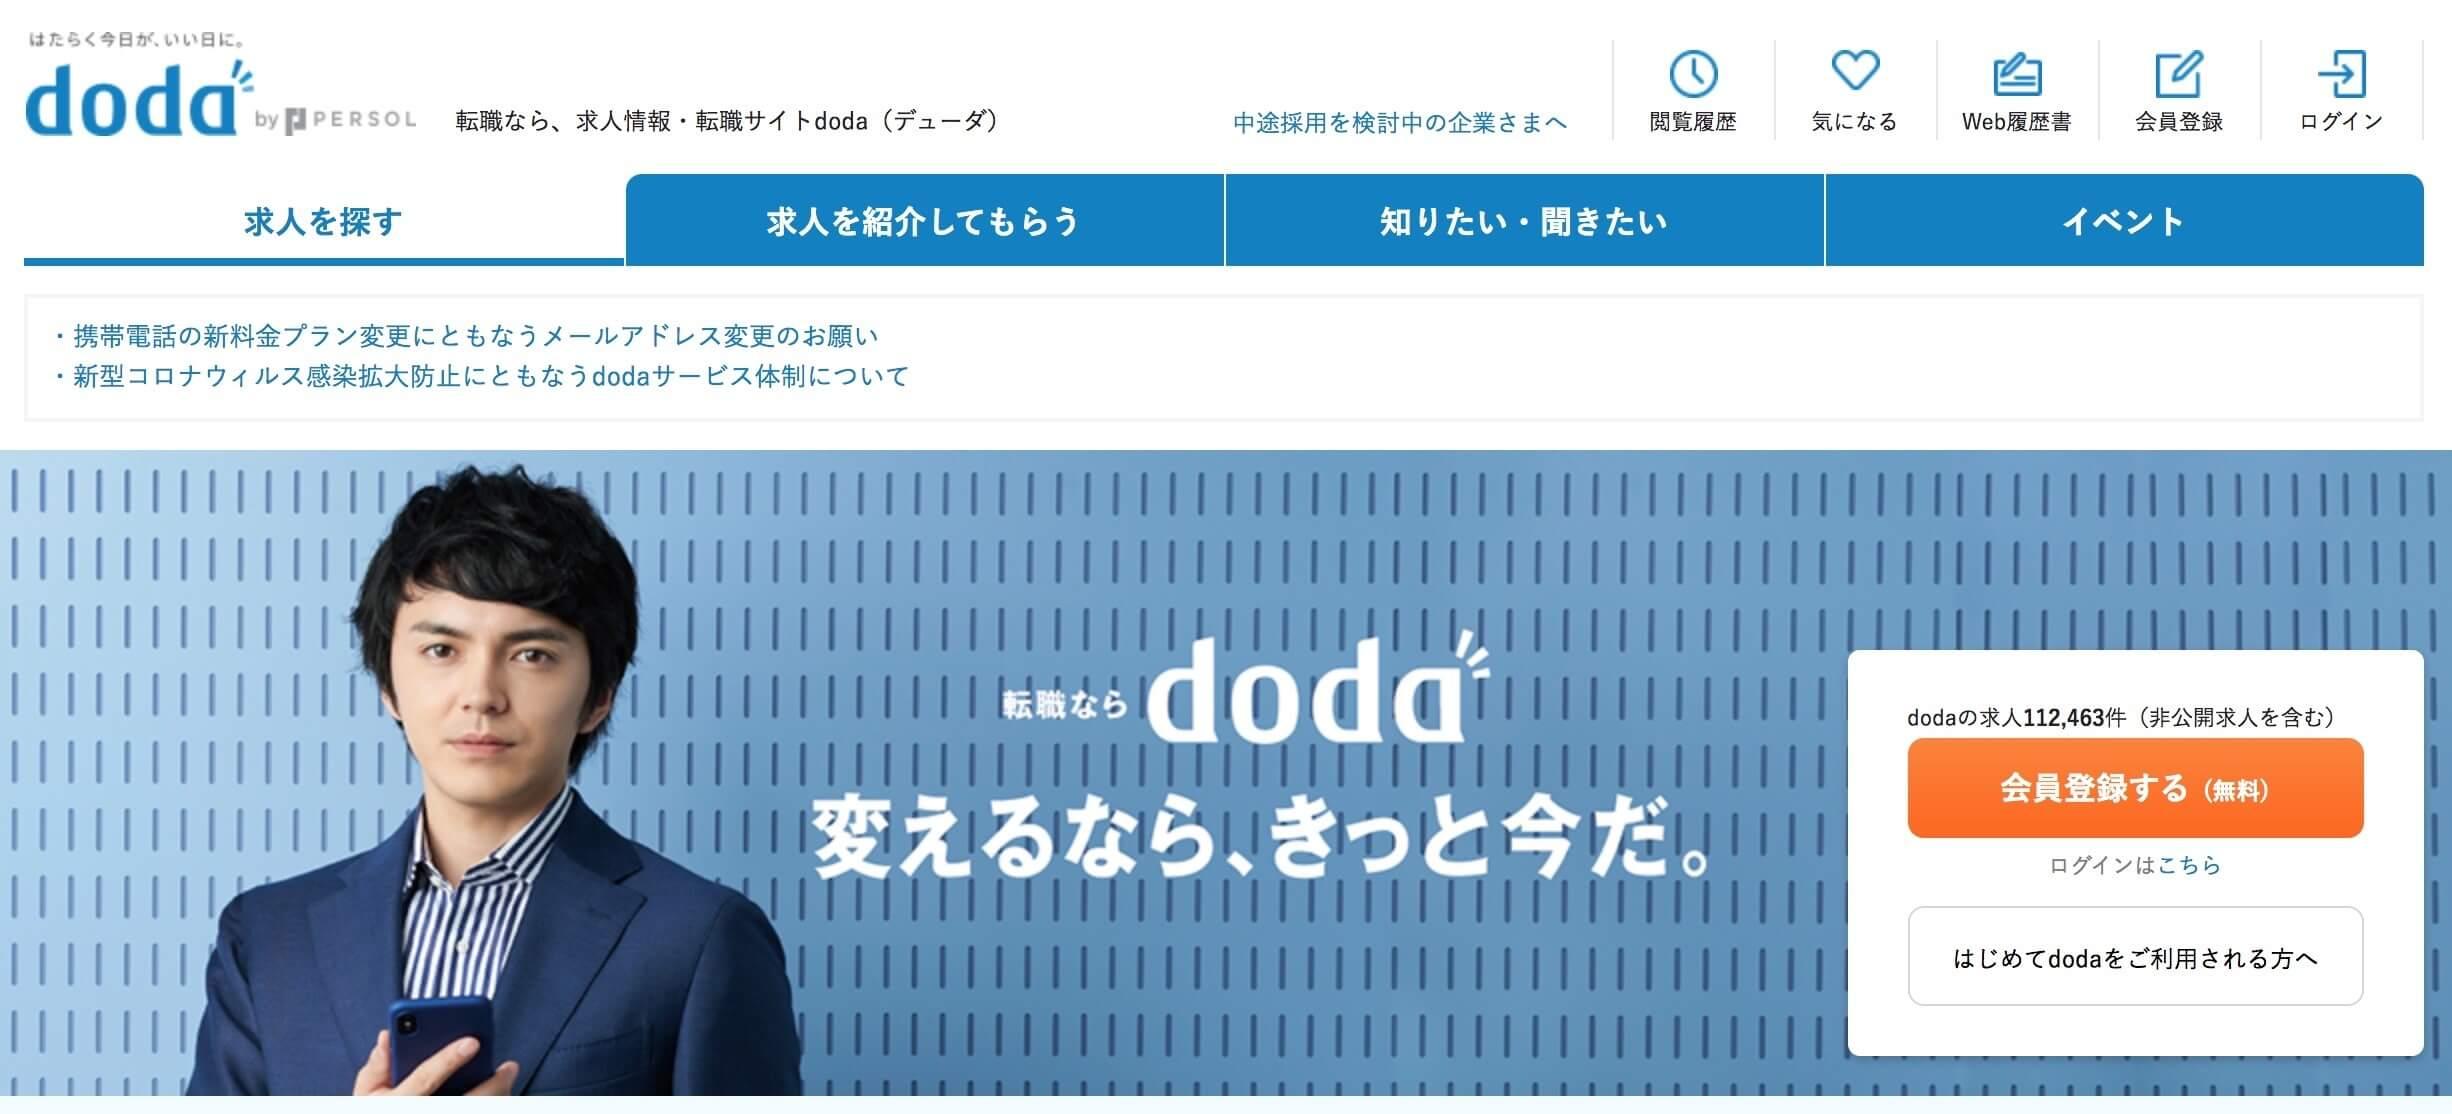 dodaの公式サイトキャプチャ